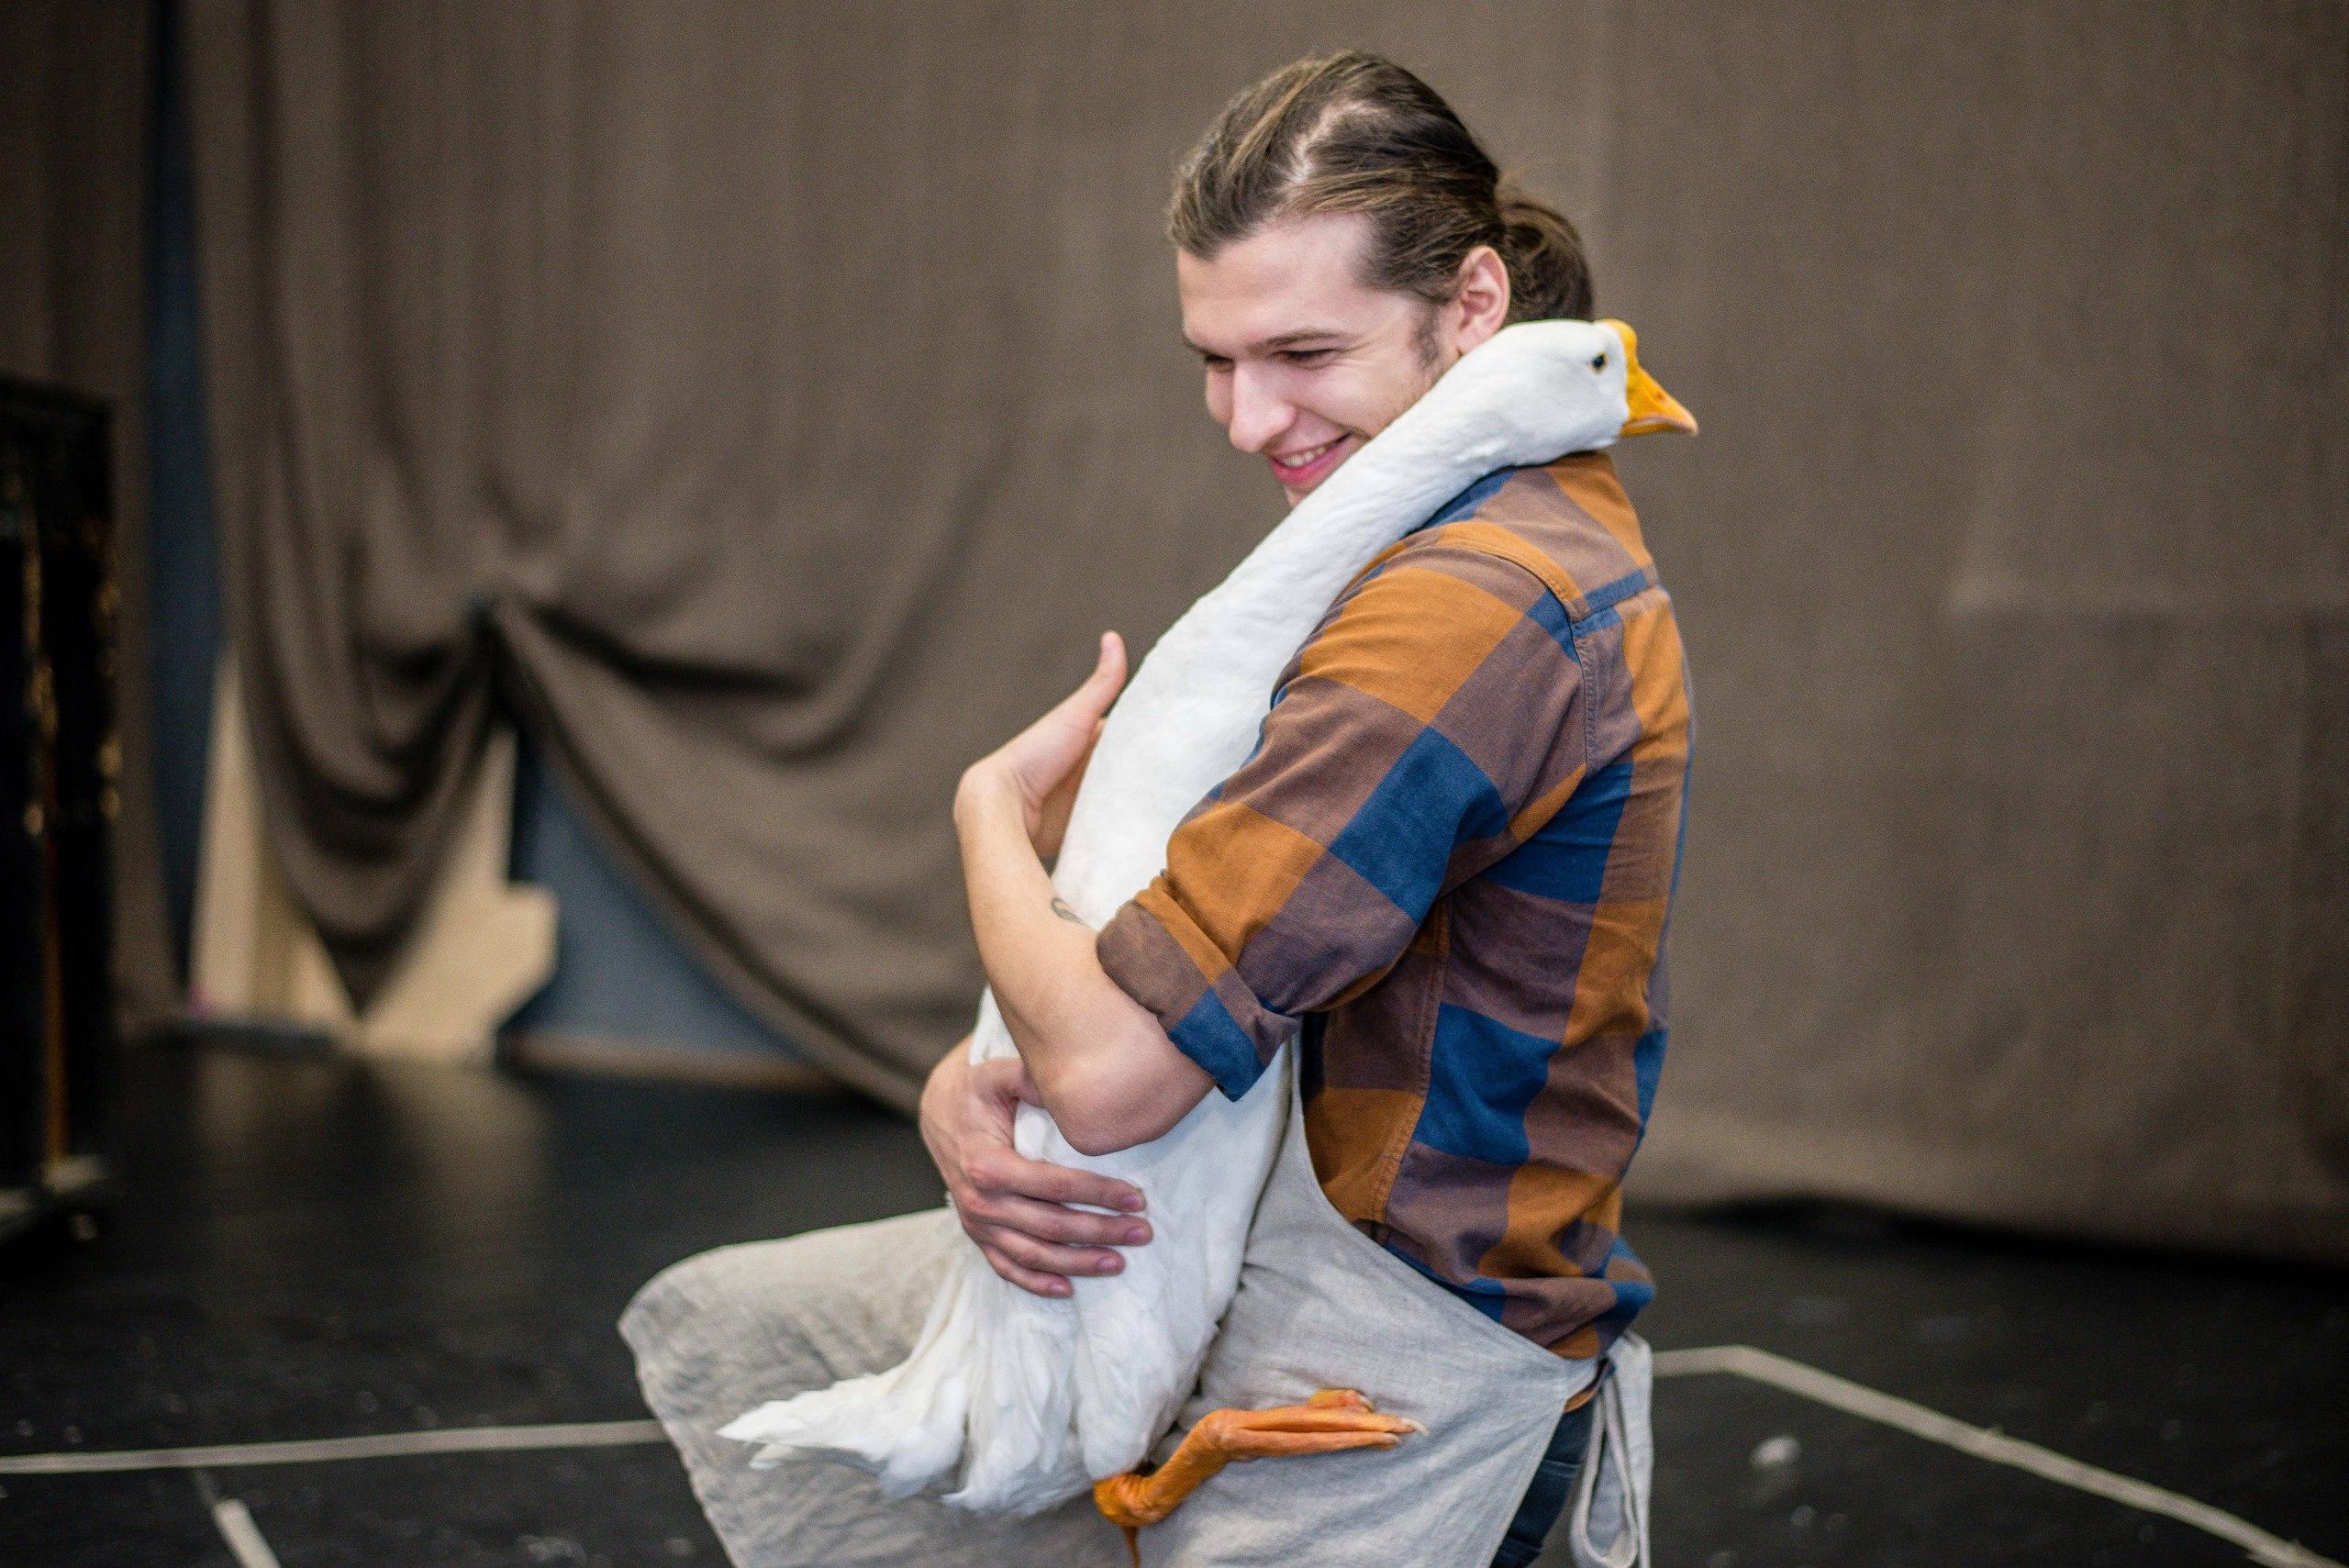 Мюзикл «Карлик Нос» на музыку Лоры Квинт скоро представят в «Театре-Театре»